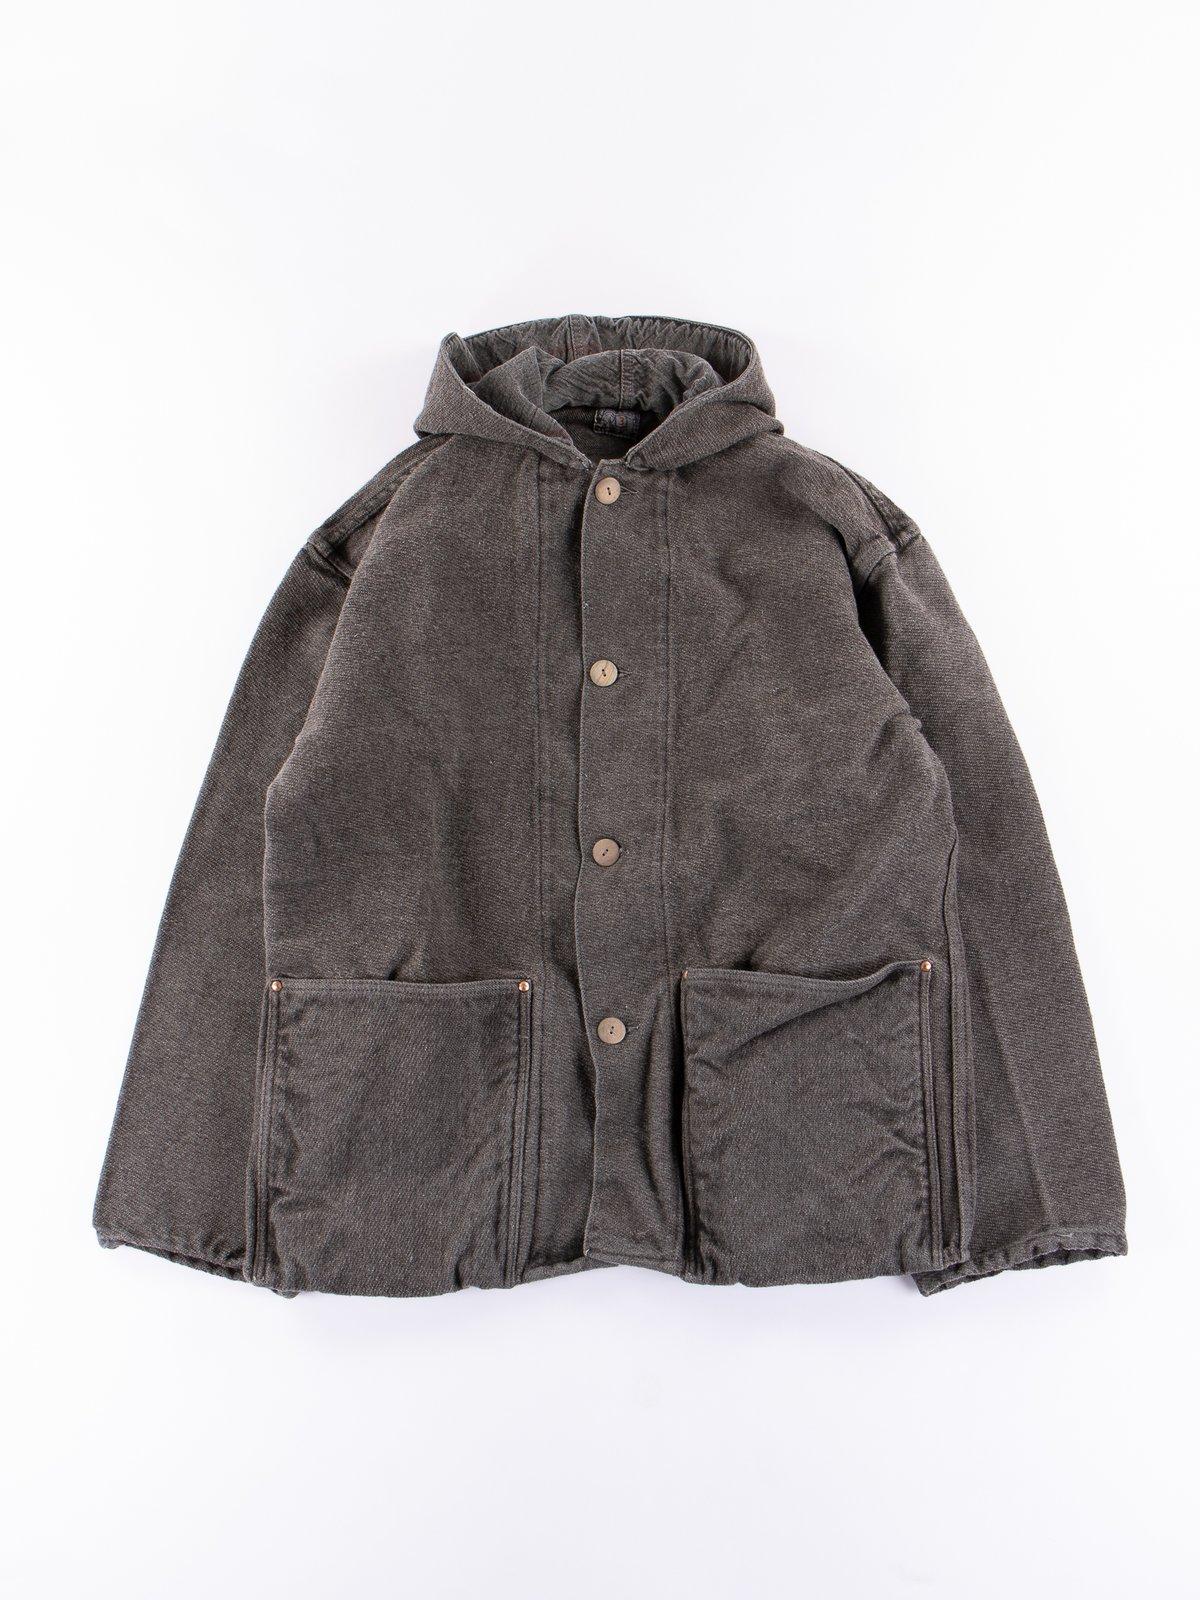 Indian Black Dye Hooded Shepherd's Coat - Image 1